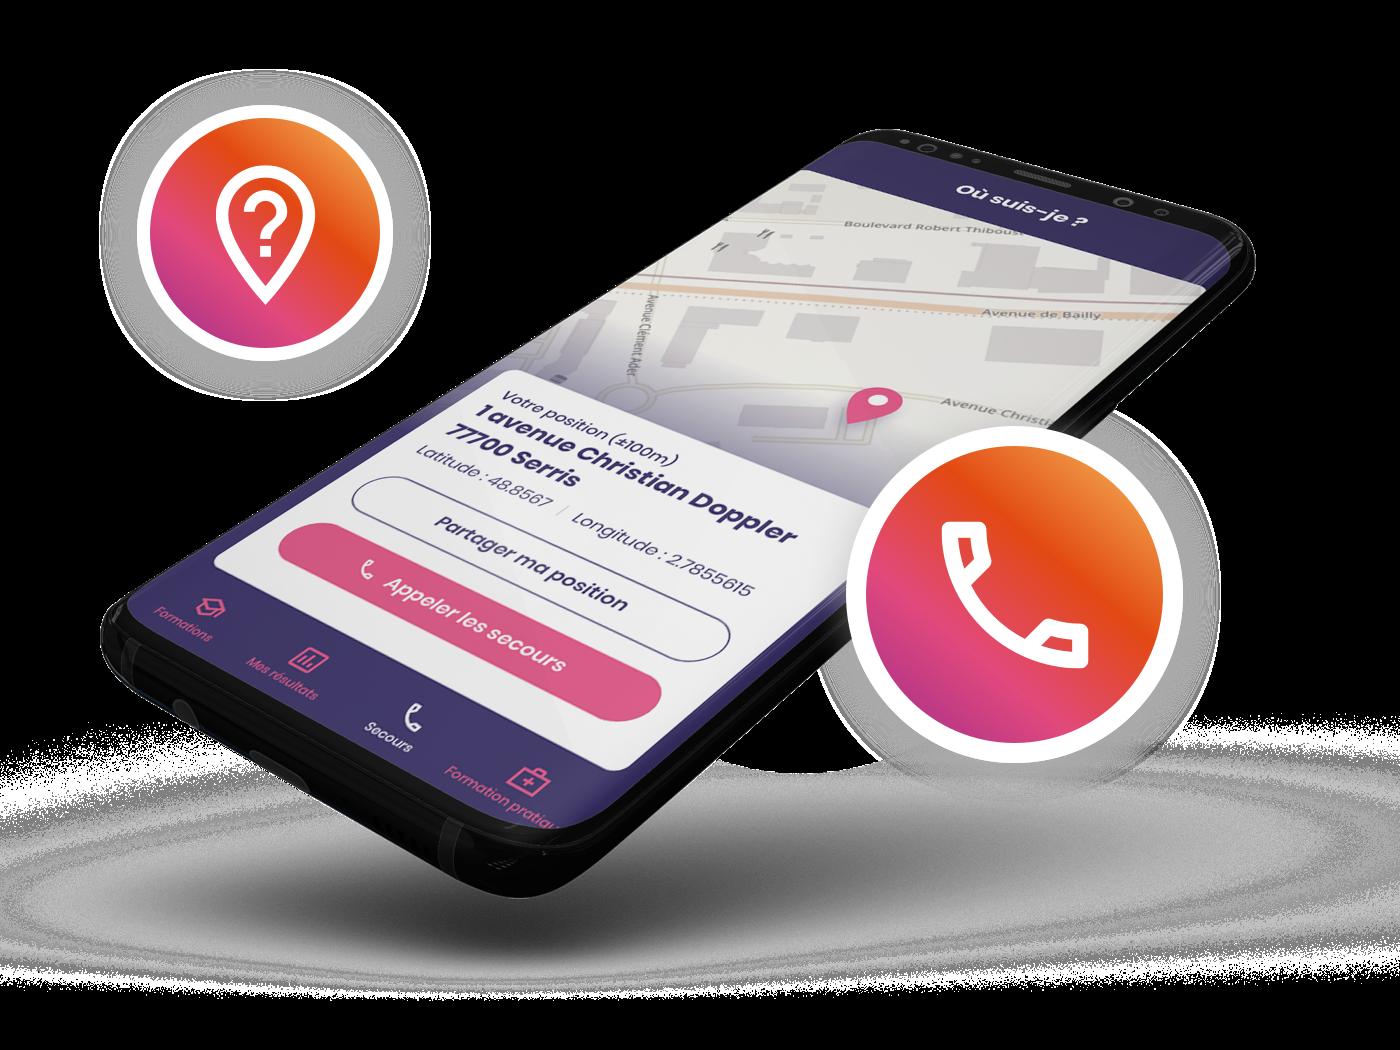 Une application permettant de géolocaliser les victimes et d'appeler les secours en un clic